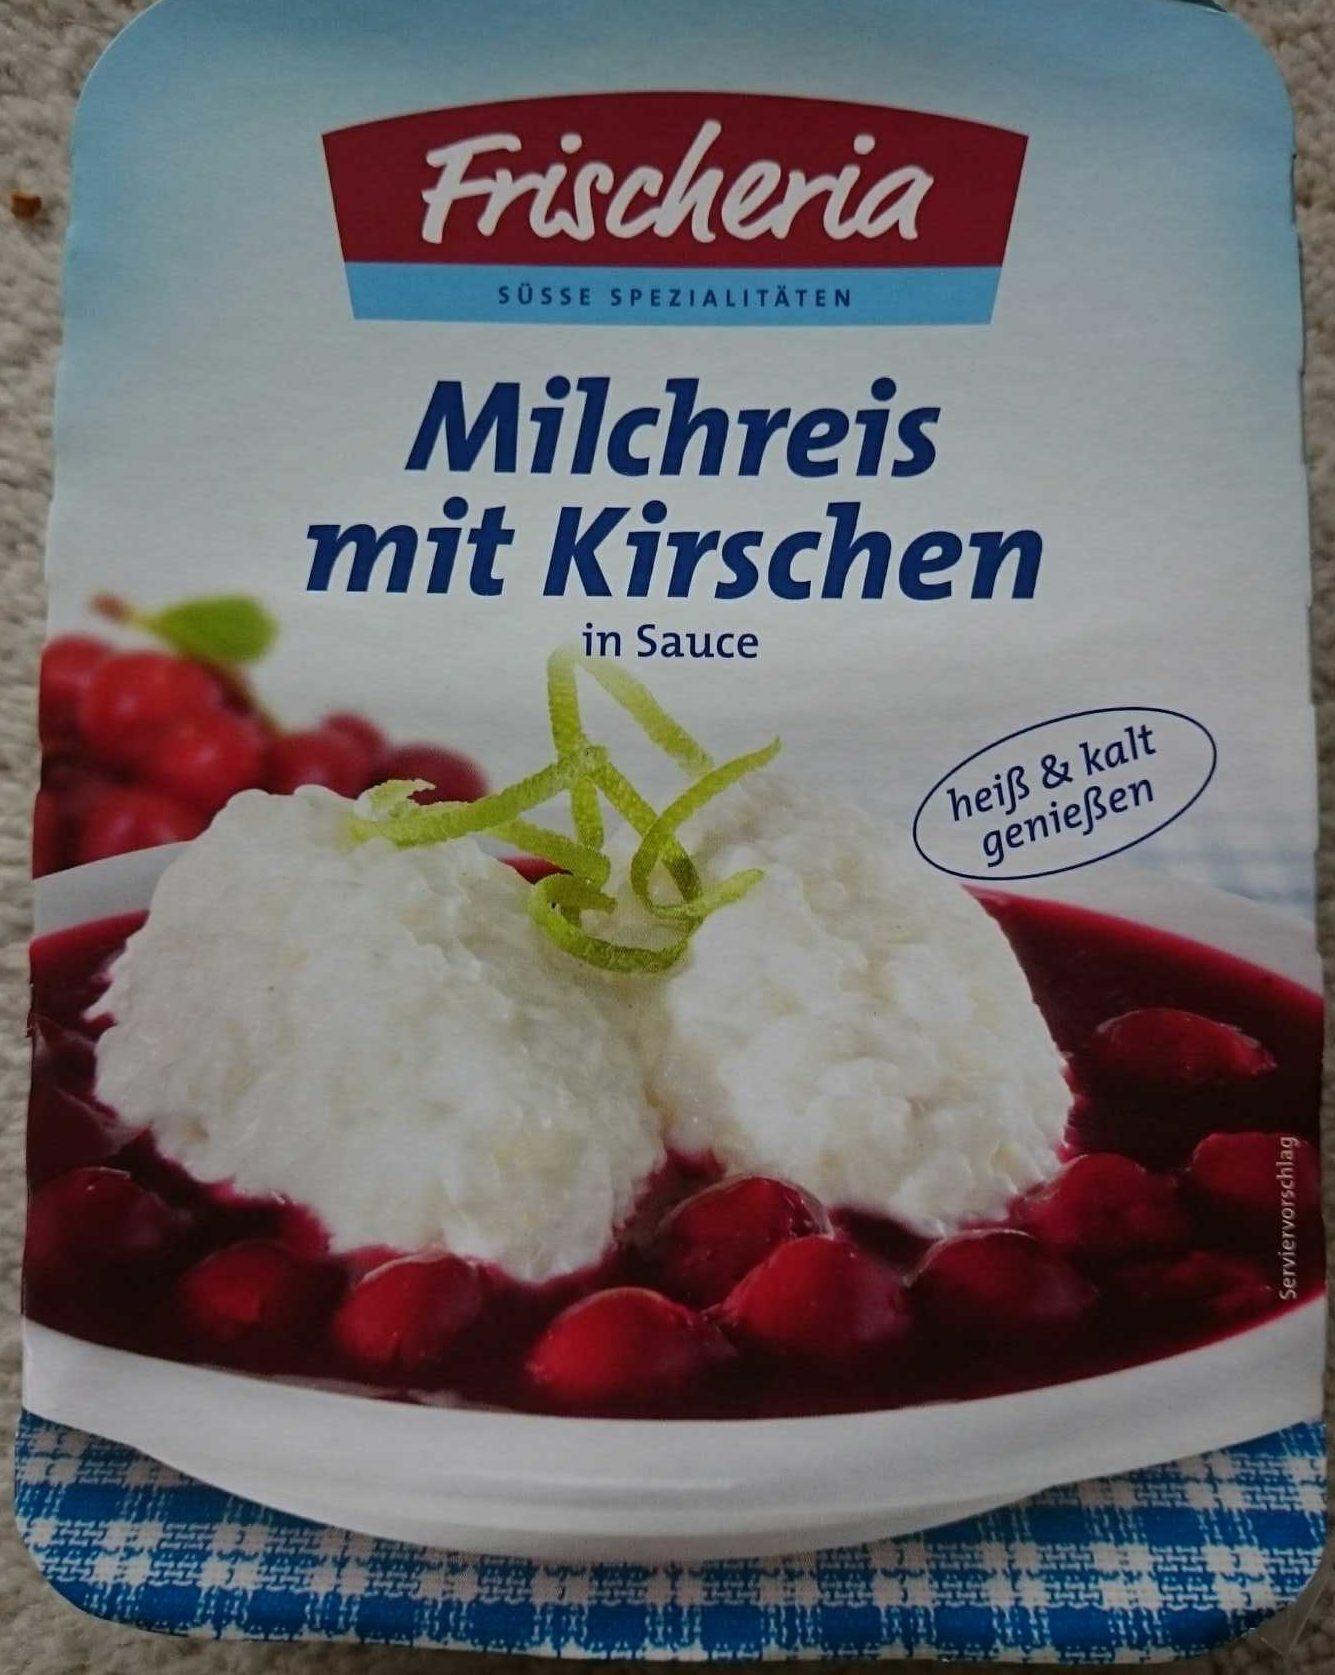 Milchreis mit Kirschen - Product - de